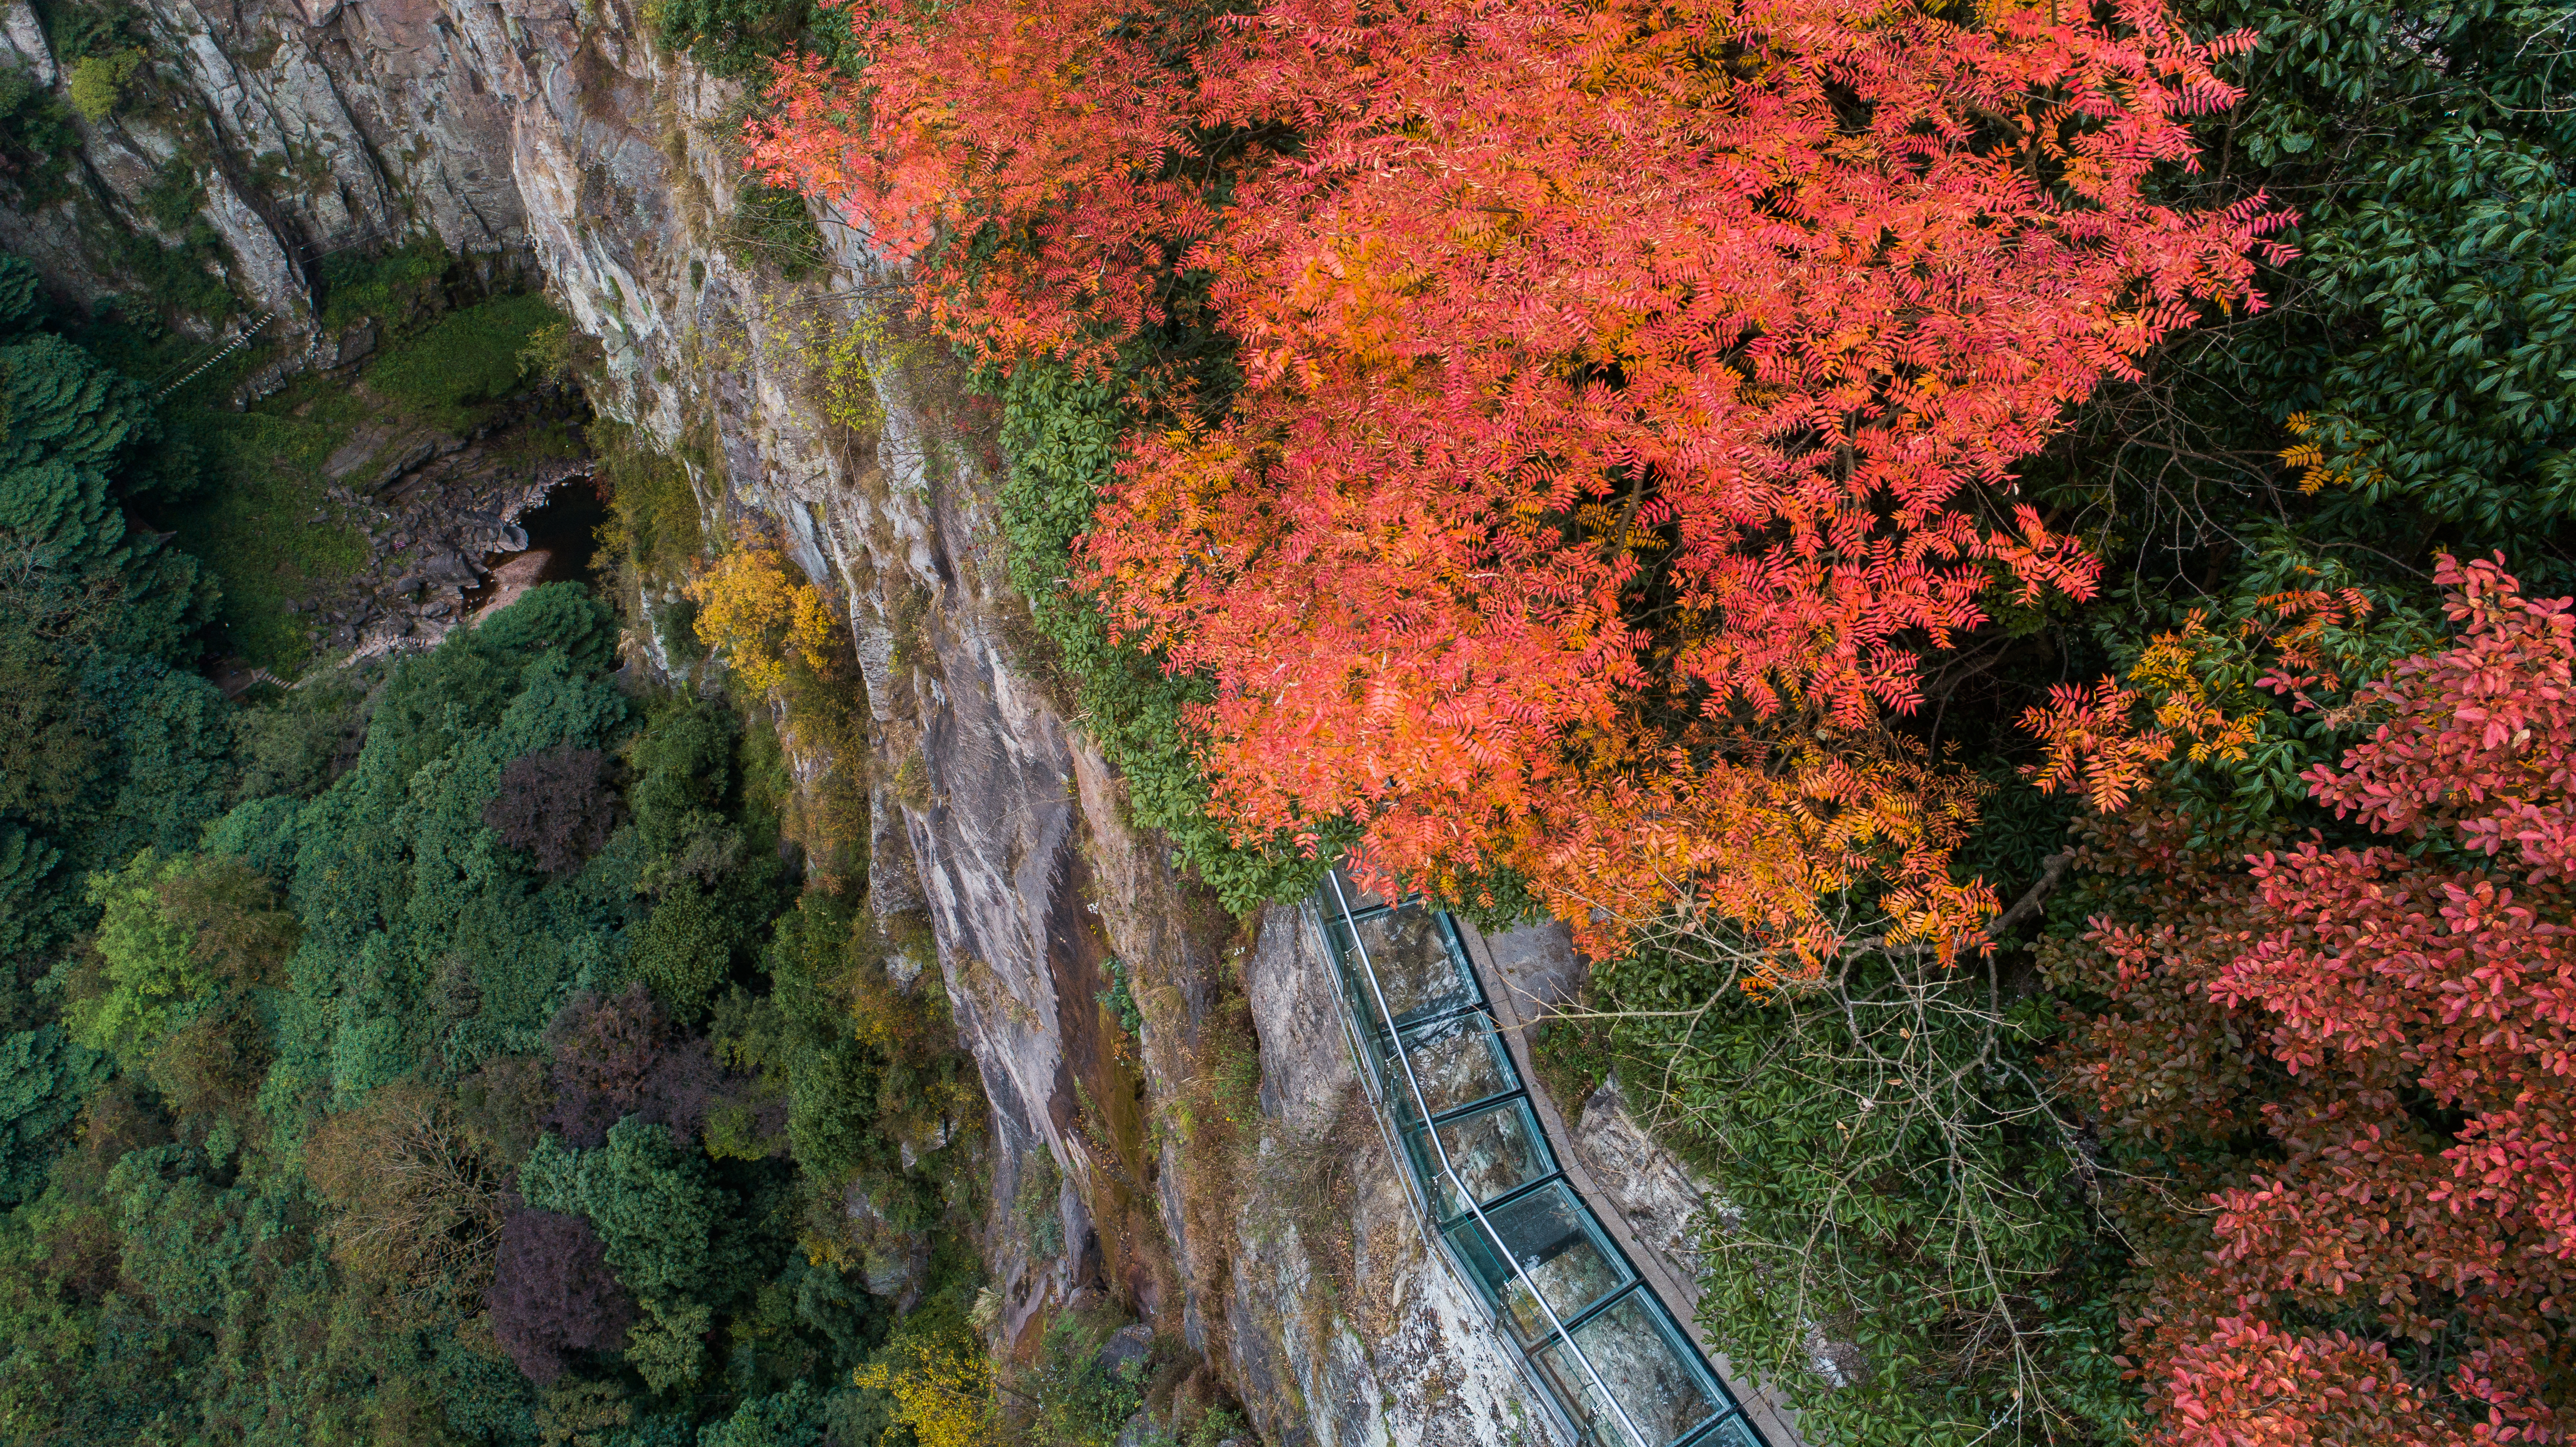 宁波必打卡,踏入深秋的季节,邂逅遍地金黄的童话世界